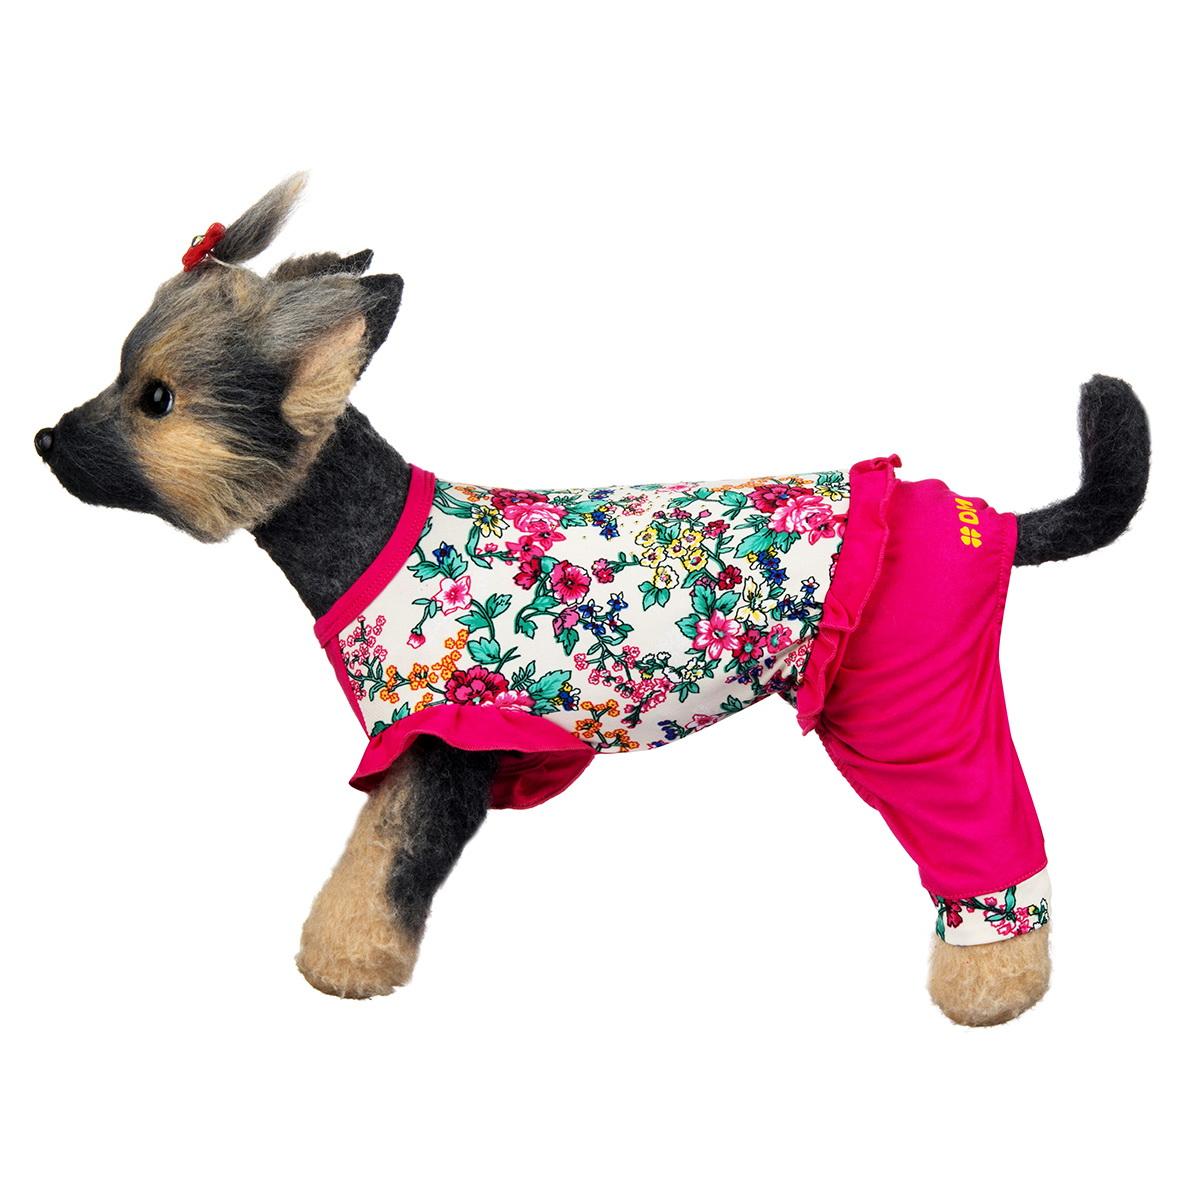 Комбинезон для собак Dogmoda Оливия, для девочки, цвет: розовый, белый. Размер 1 (S)DM-160136-1Комбинезон для собак Dogmoda Оливия отлично подойдет для прогулок в сухую погоду или для дома.Комбинезон изготовлен из вискозы (94%) и эластана (6%). Изделие имеет длинные брючины и специальные прорези для лапок, которые оснащены широкими стильными манжетами, мягко обхватывающими лапки.Благодаря такому комбинезону вашему питомцу будет комфортно наслаждаться прогулкой или играми дома.Длина по спинке: 20 см.Объем груди: 33 см.Обхват шеи: 21 см.Одежда для собак: нужна ли она и как её выбрать. Статья OZON Гид